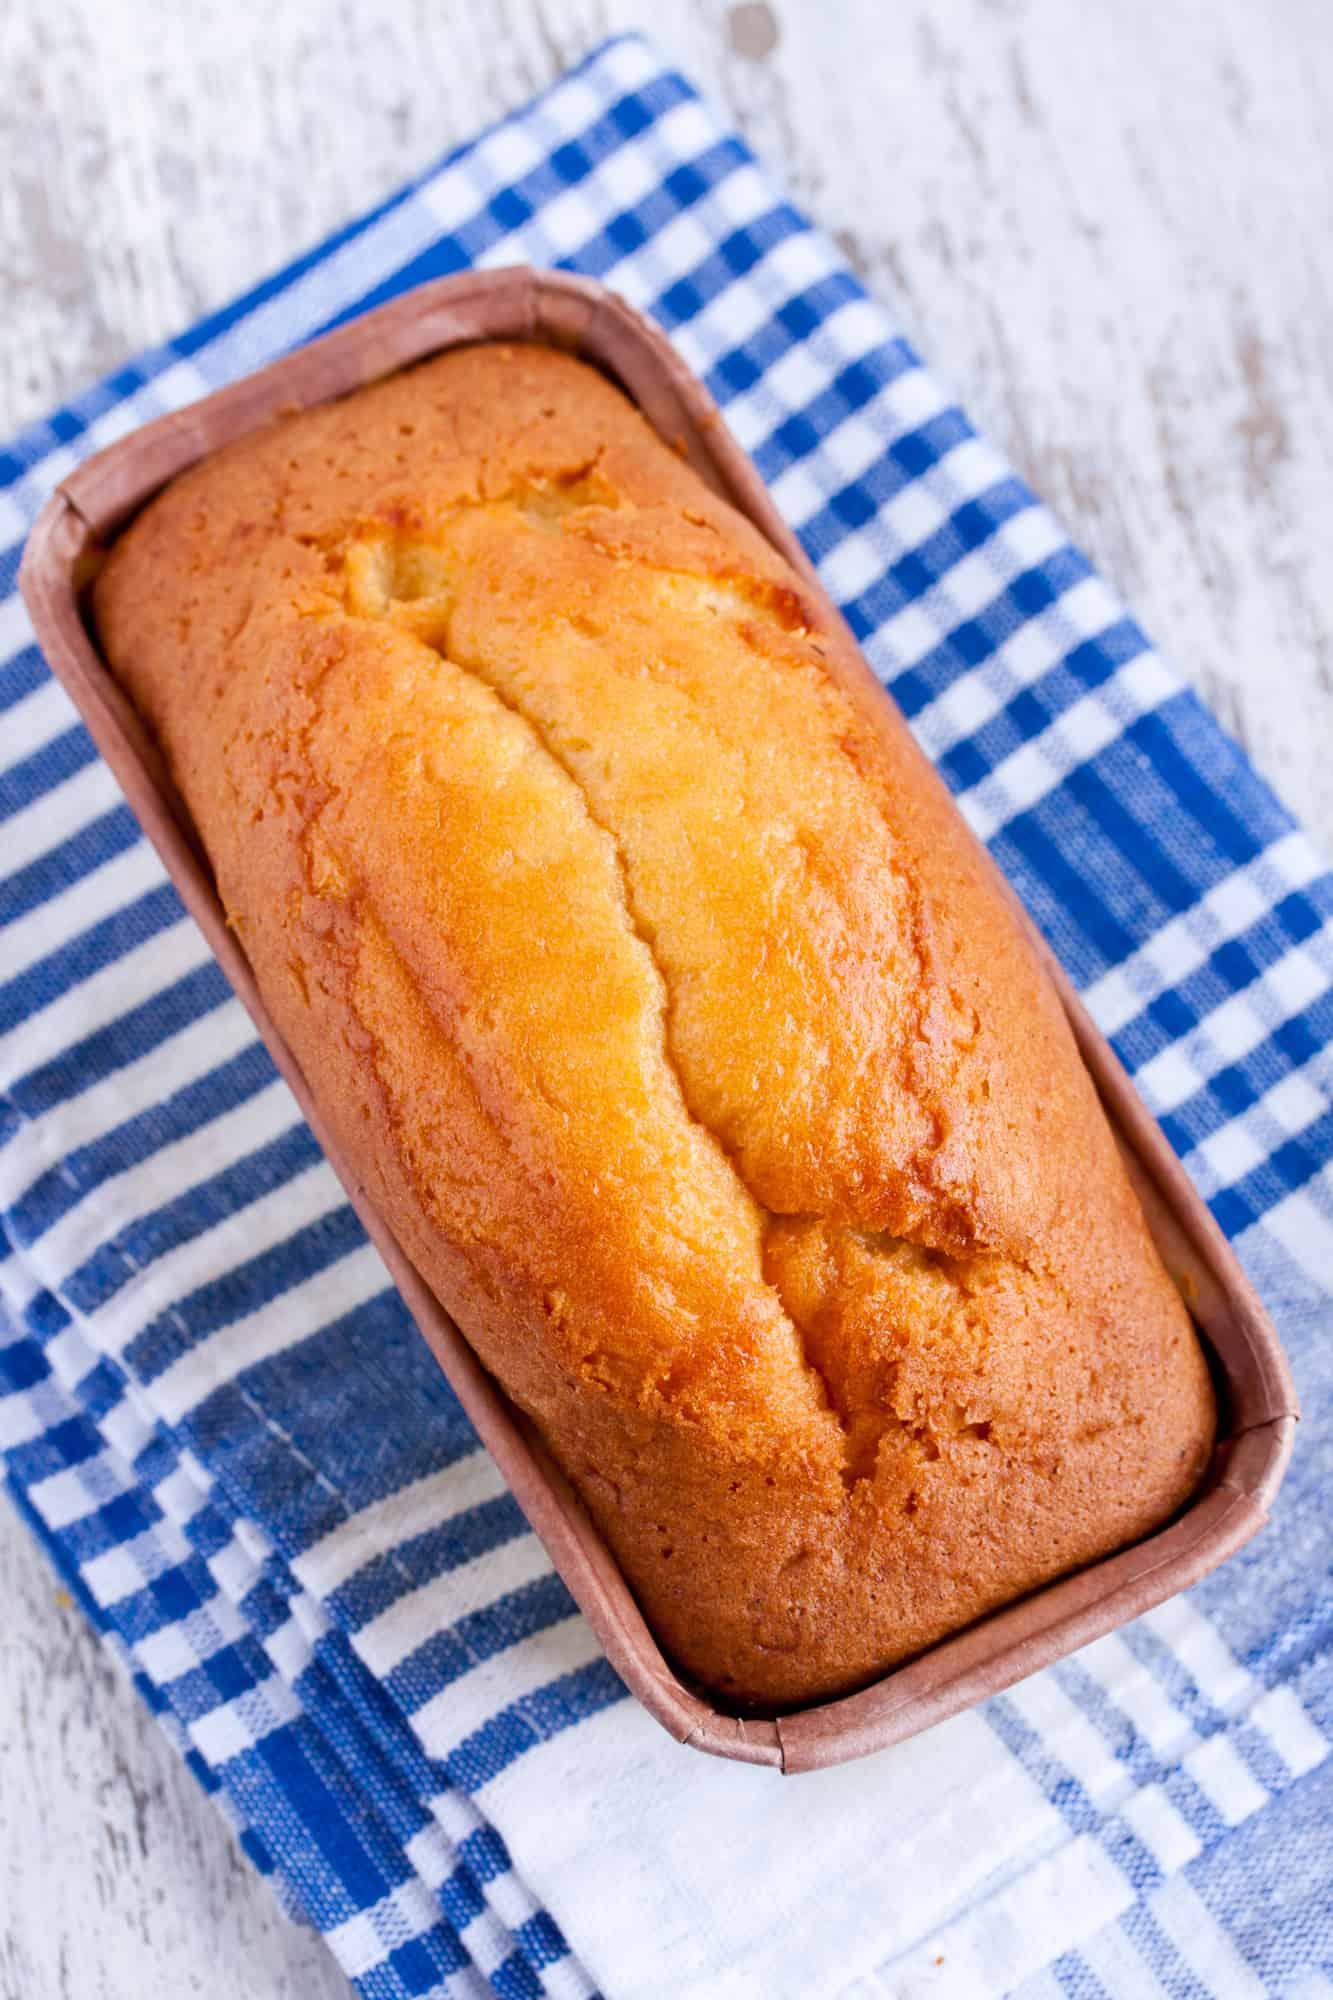 gluten free pound cake in a baking pan